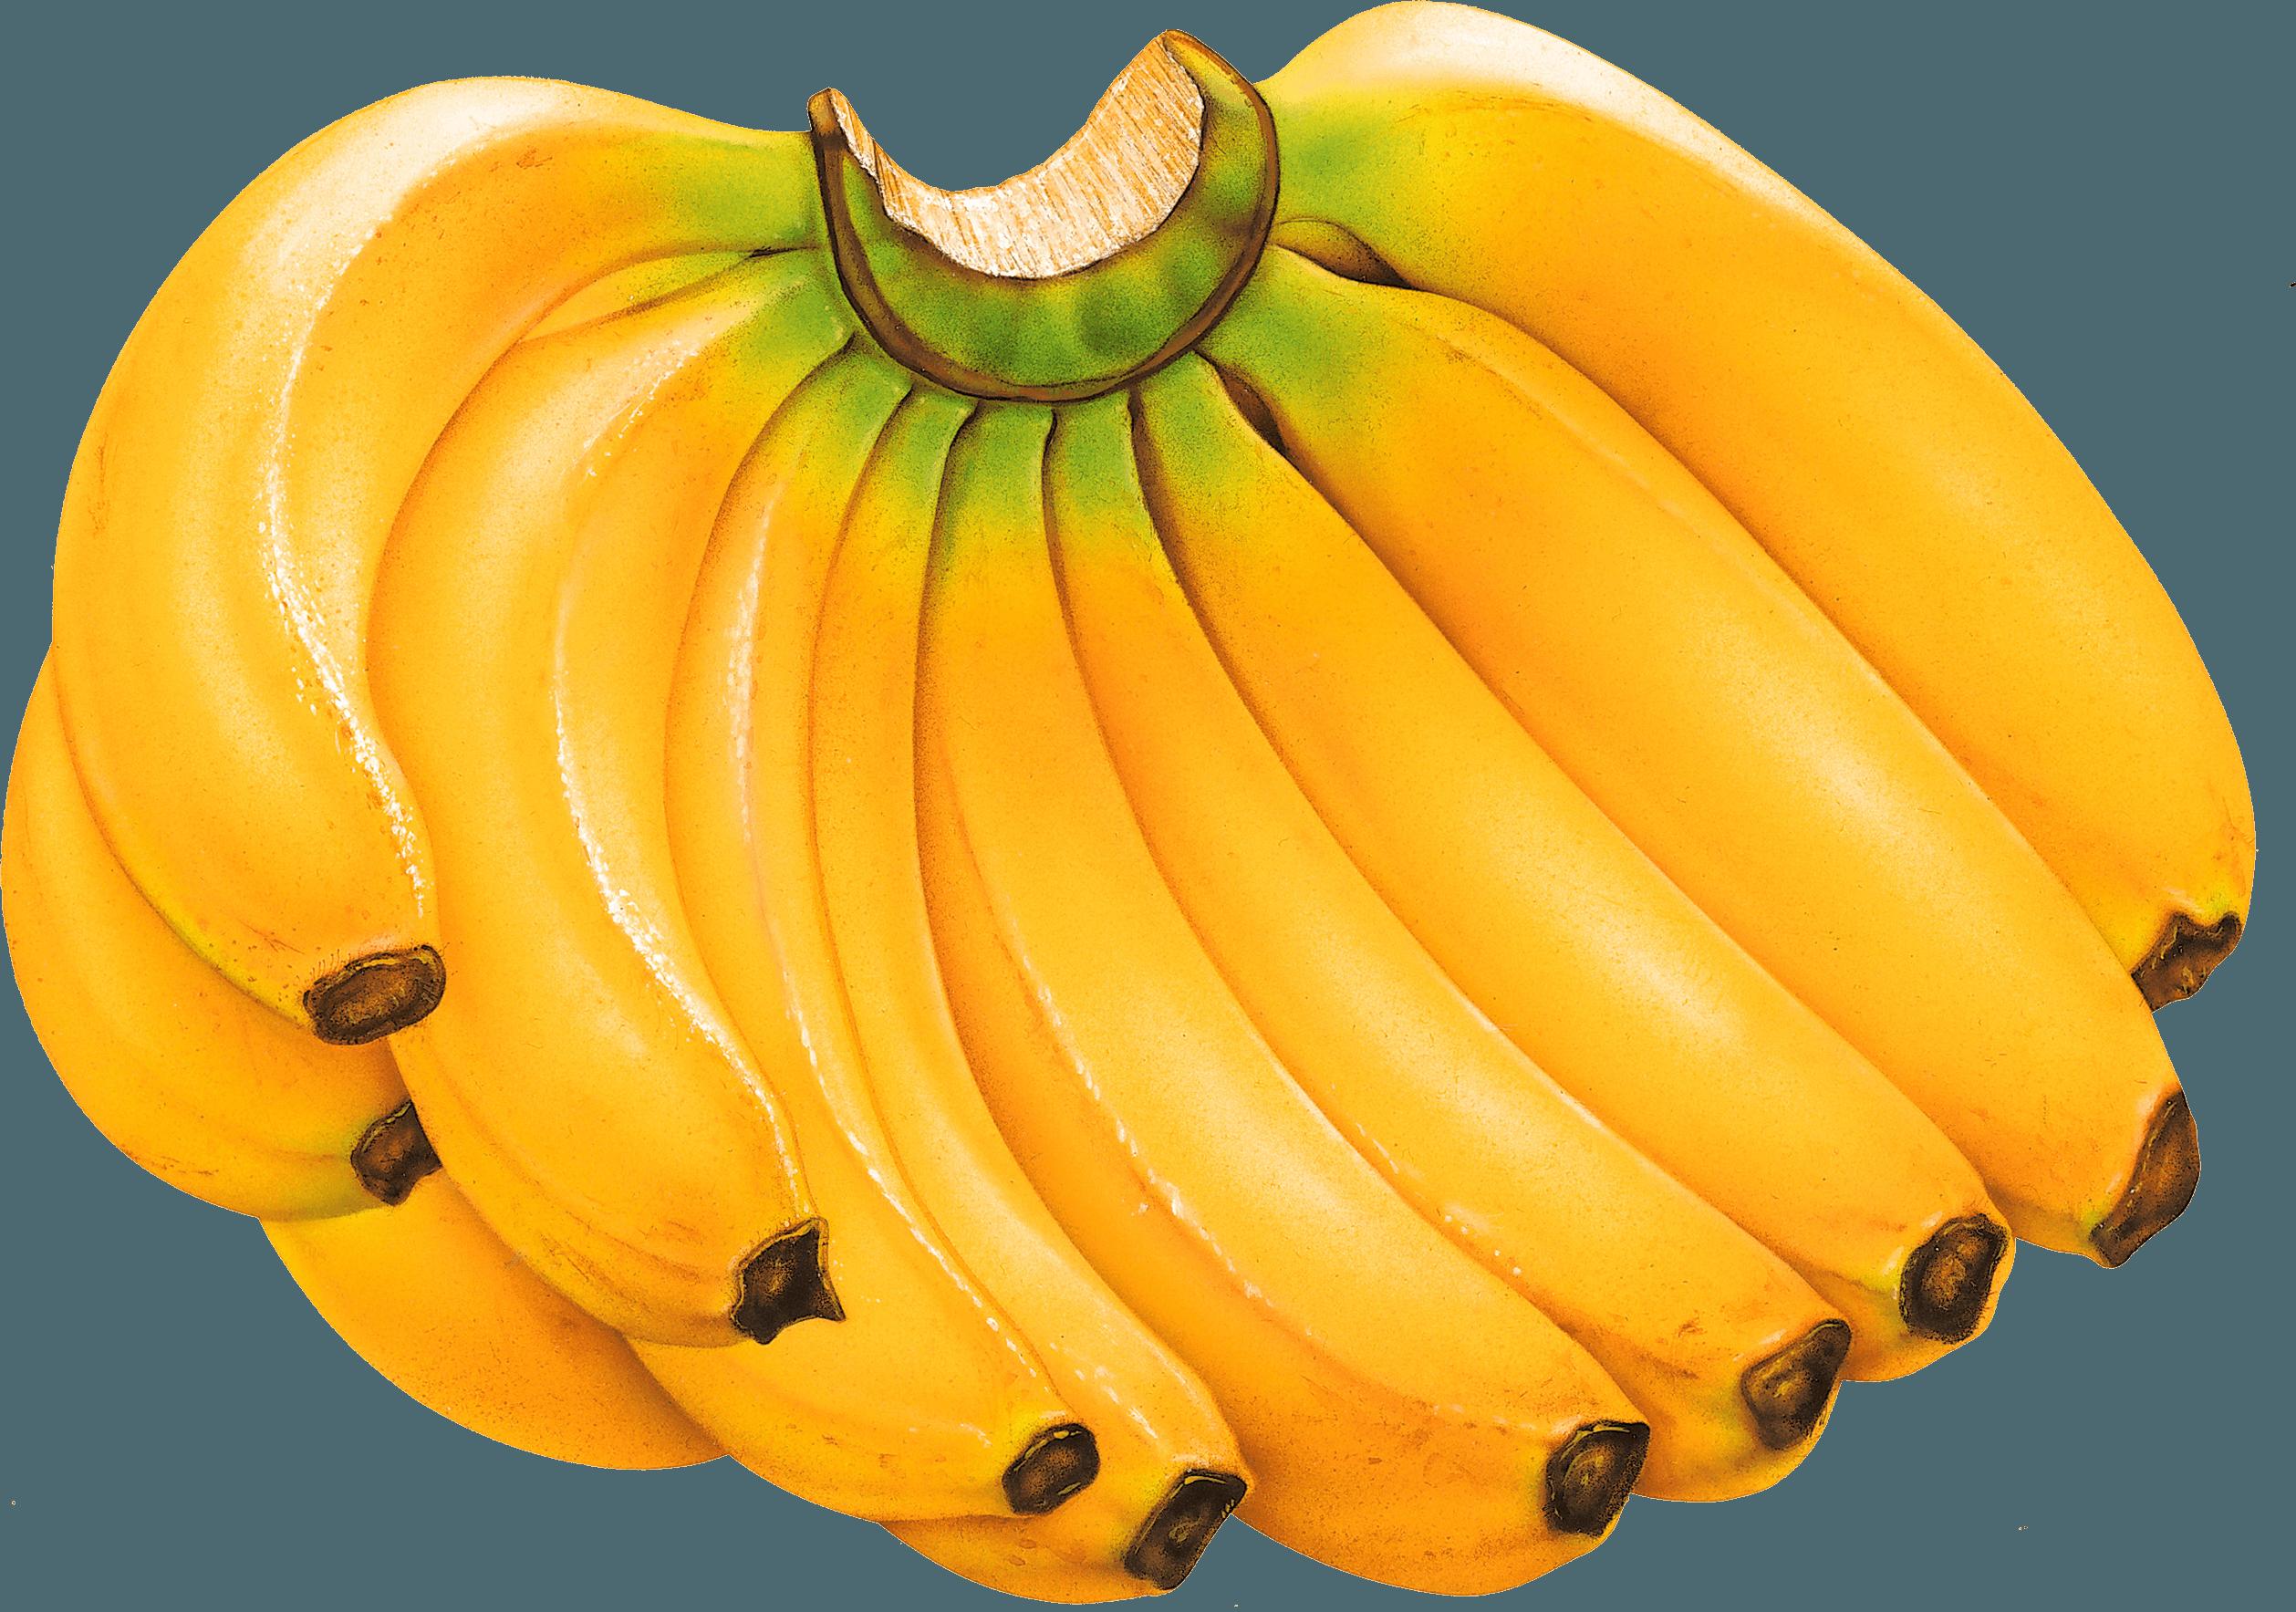 Banana PNG - 7379